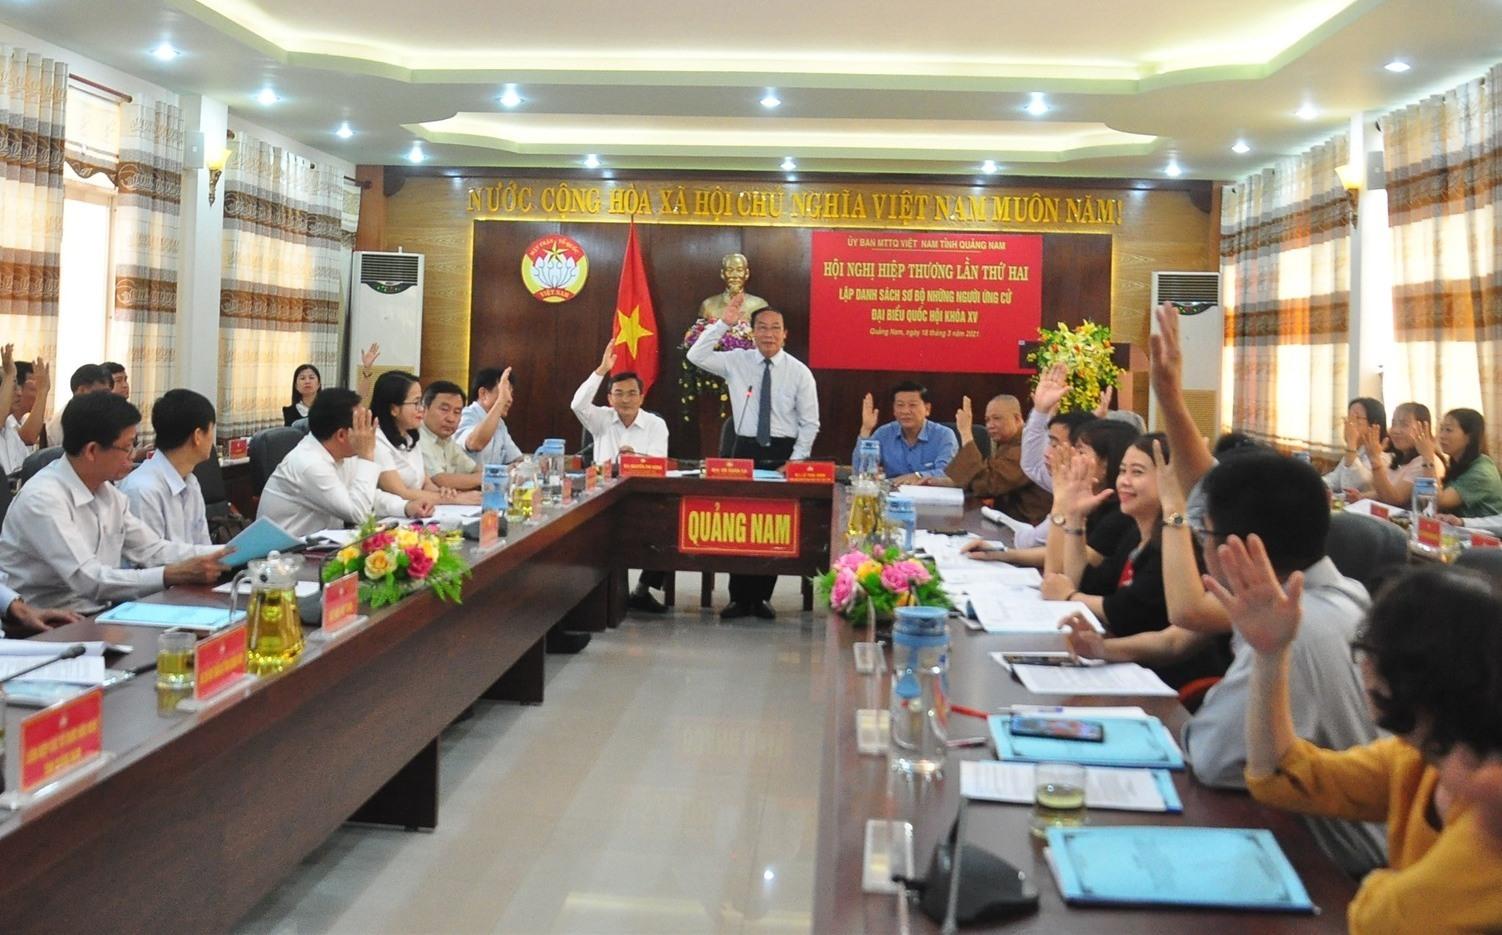 Hội nghị hiệp thương lần hai do Ủy ban MTTQ Việt Nam tỉnh tổ chức đã thống nhất danh sách 11 người ứng cử ĐBQH khóa XV và 97 người ứng cử đại biểu HĐND tỉnh khóa X. Ảnh: N.Đ